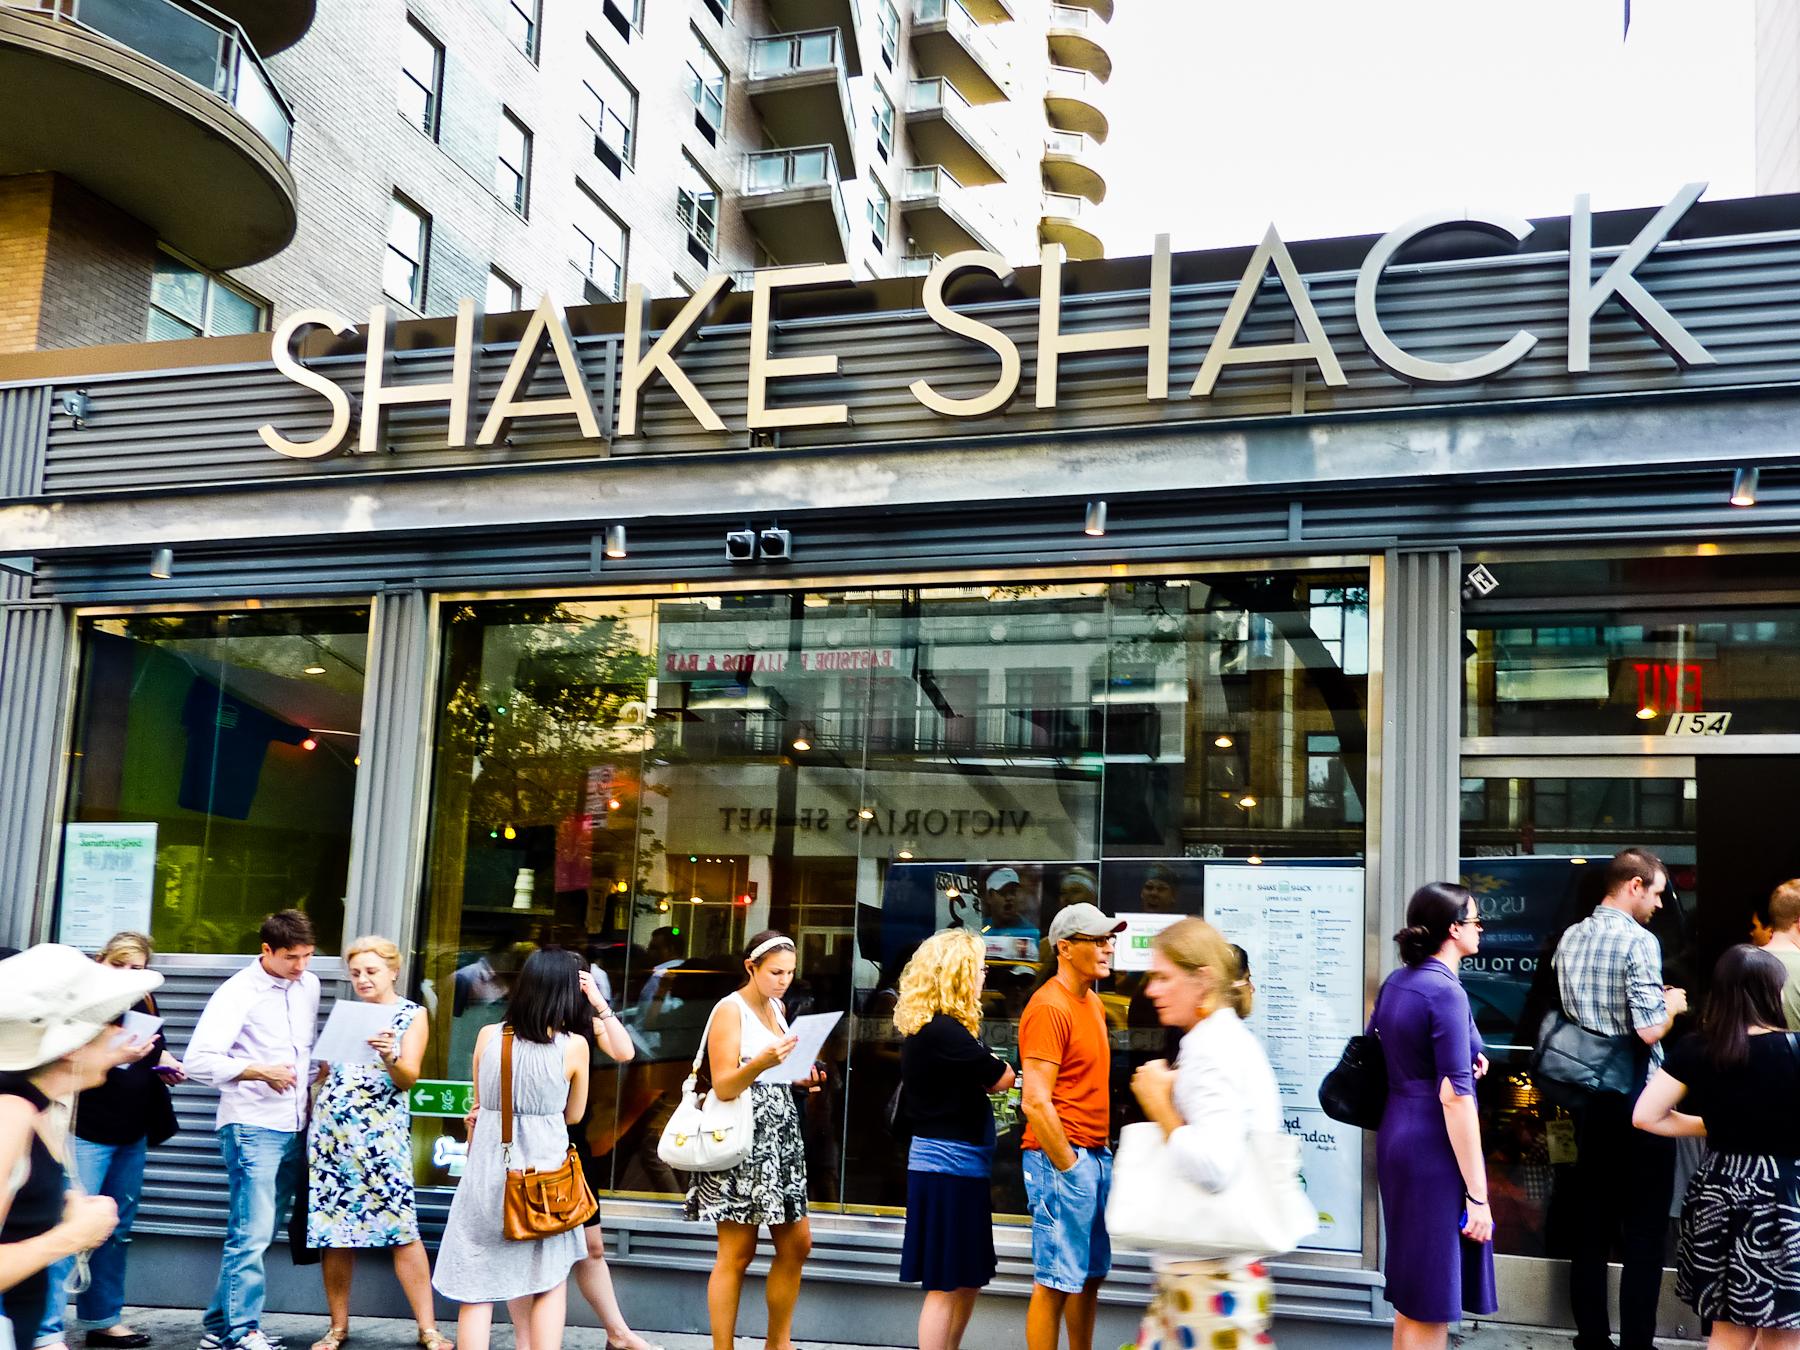 Shake Shack Upper East Side